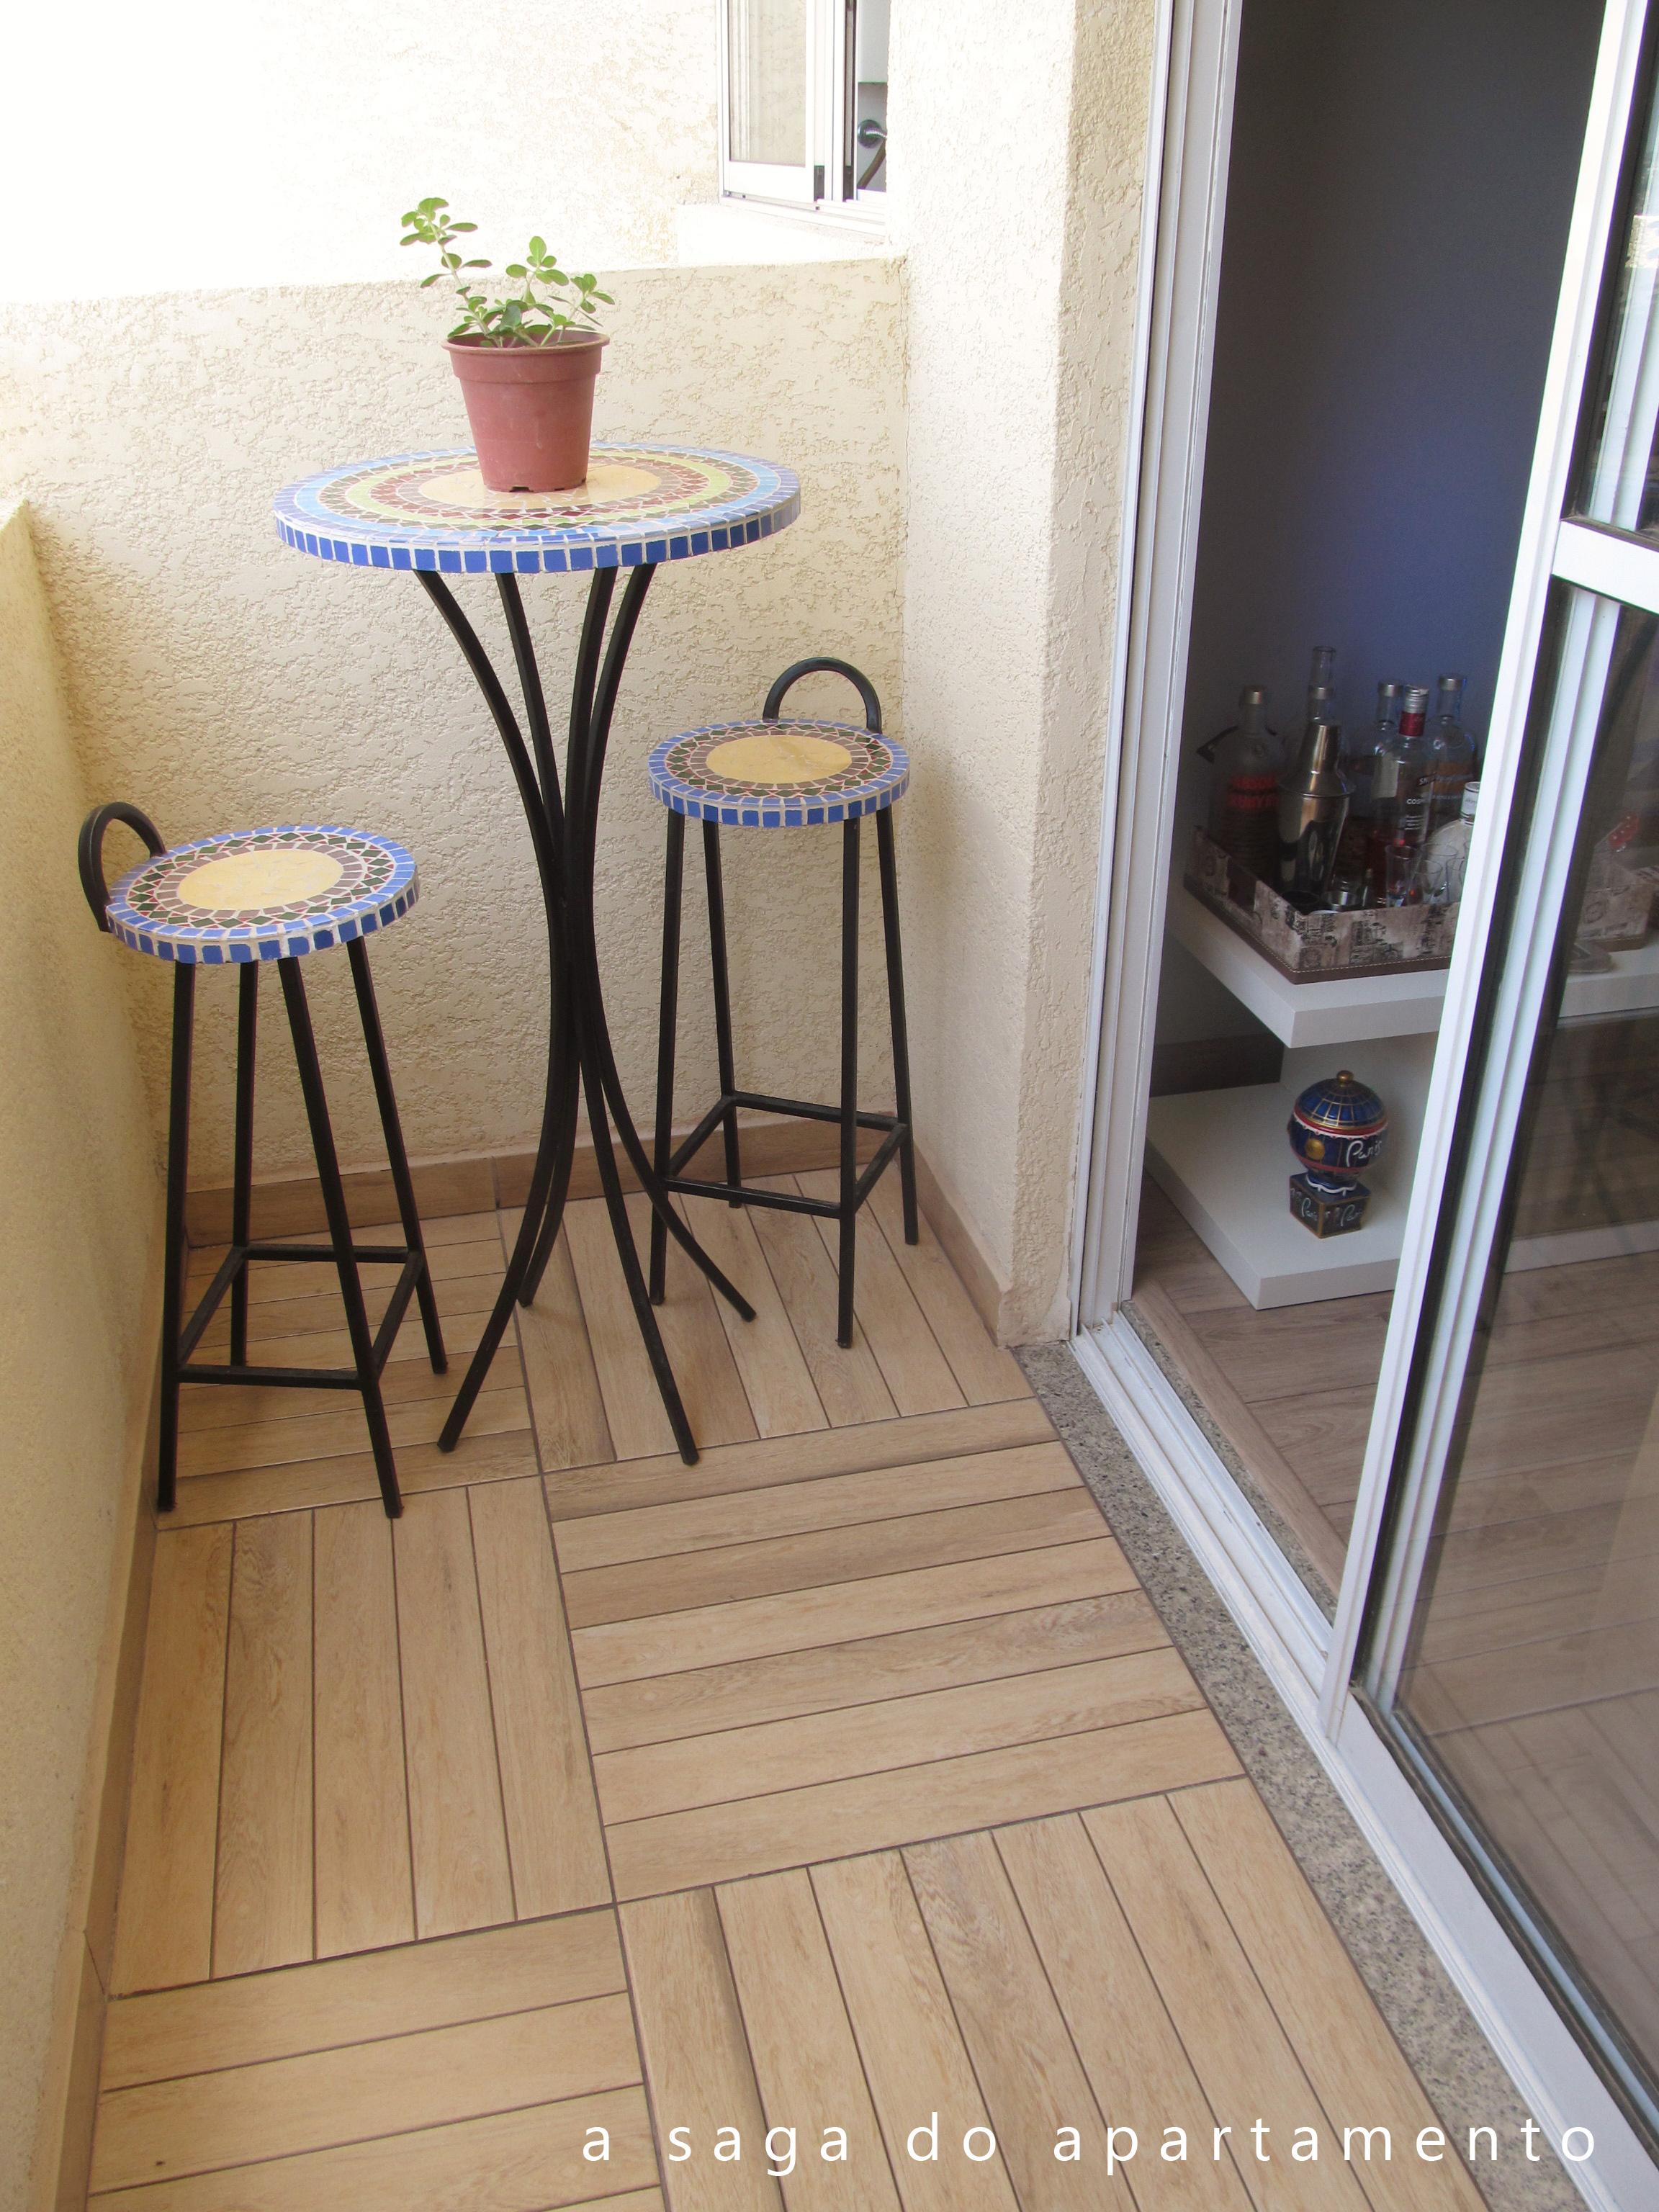 #856746 Porcelanato ou Deck de Madeira? Revestindo Banheiro e Varanda a saga  1870 Janela De Aluminio Que Imita Madeira